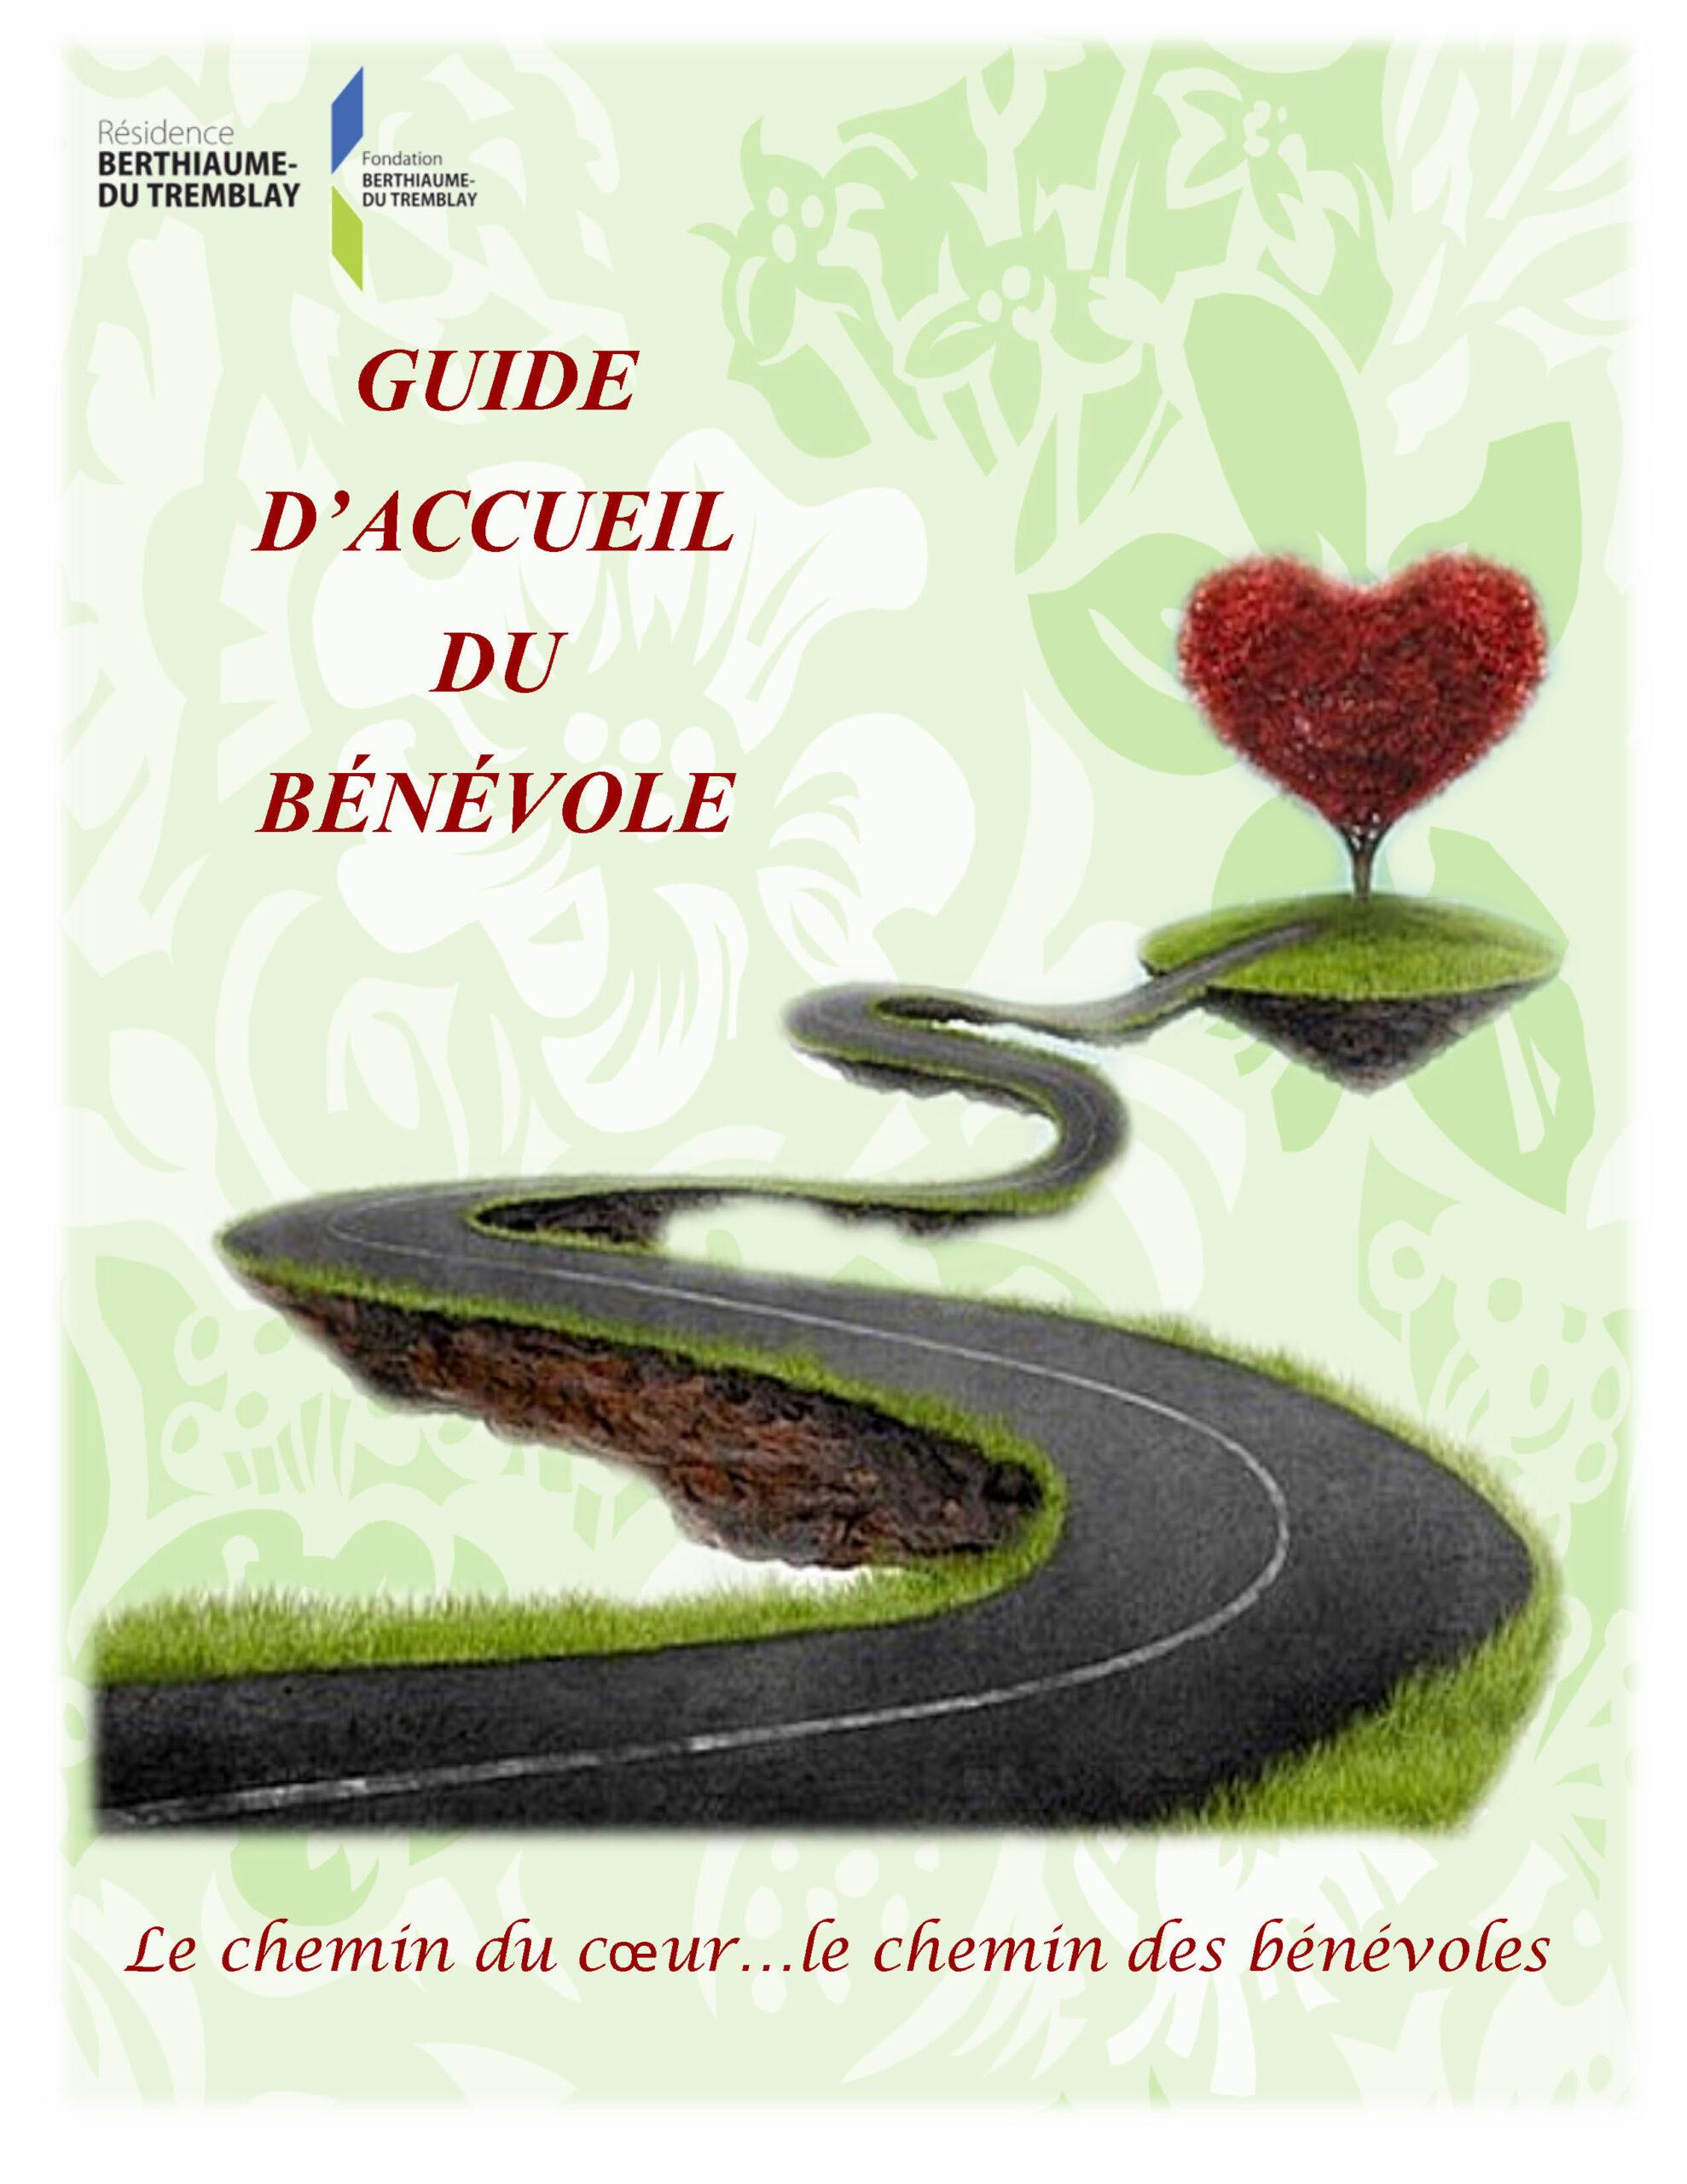 Guide d'accueil des bénévoles édition 2016 Résidence Berthiaume-Du Tremblay